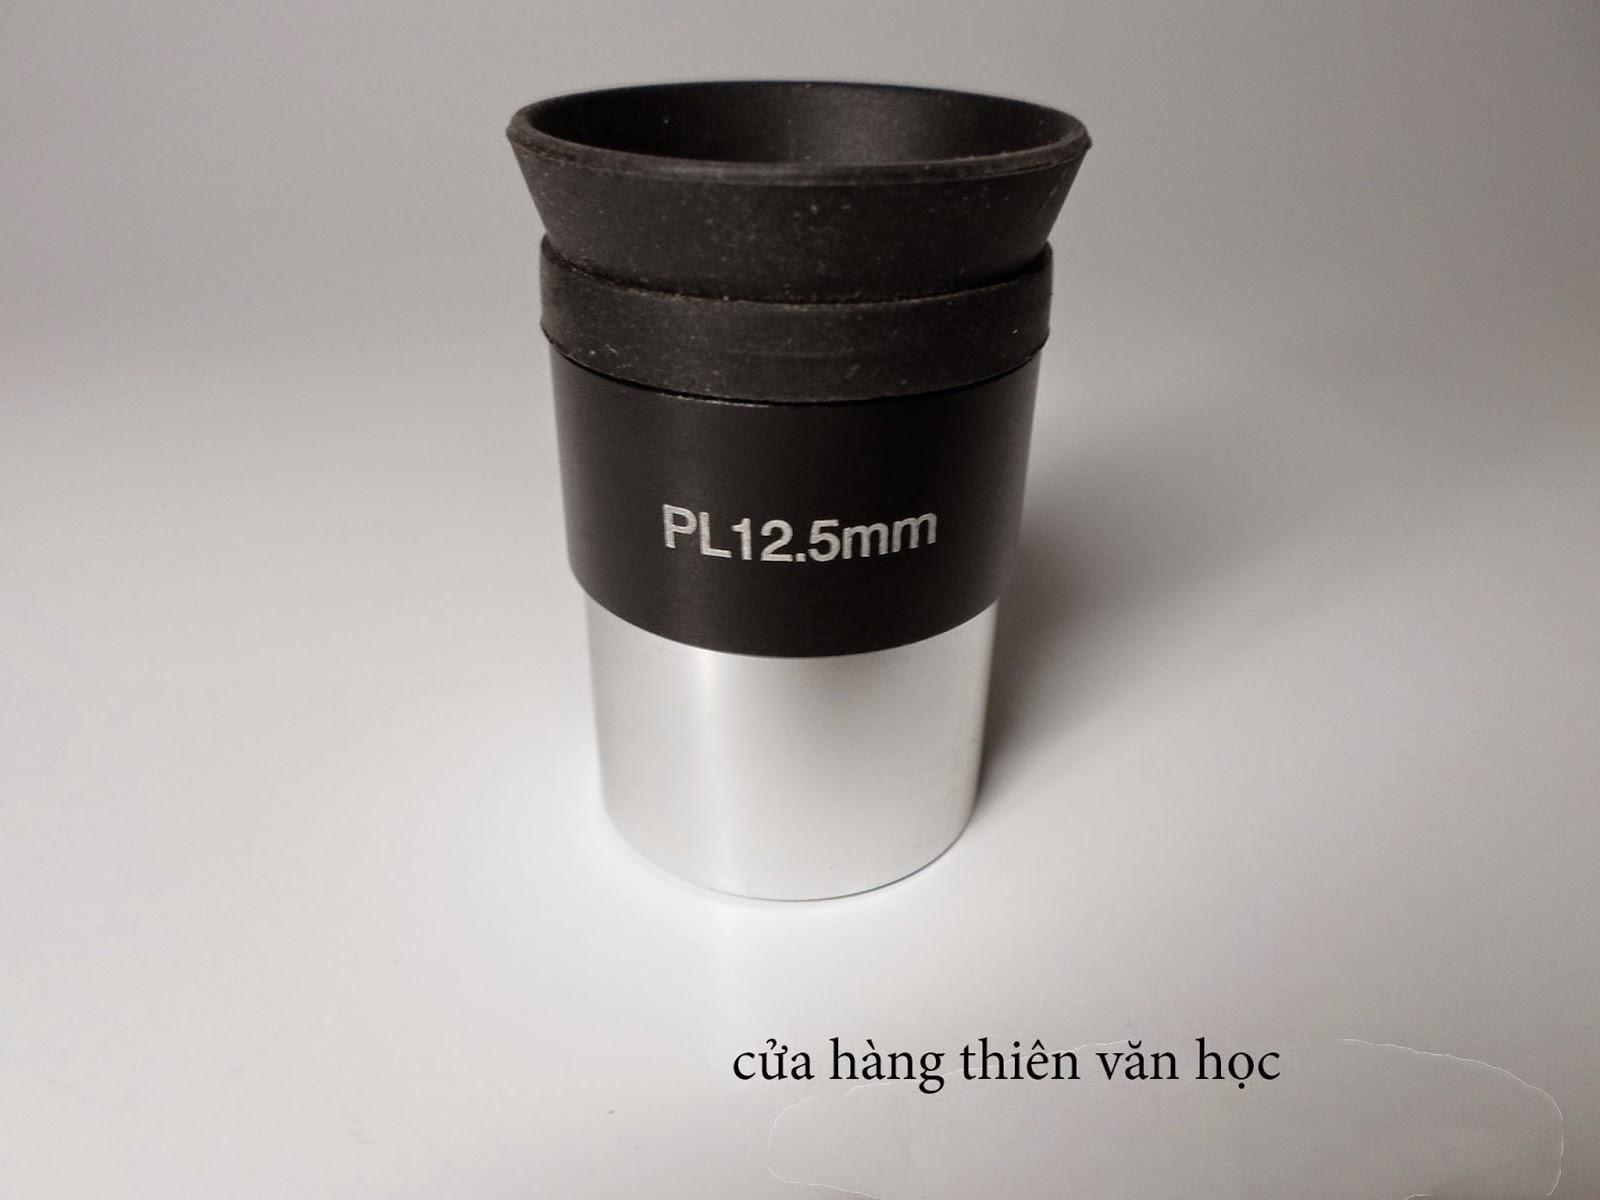 Thị kính Plossl 12,5mm